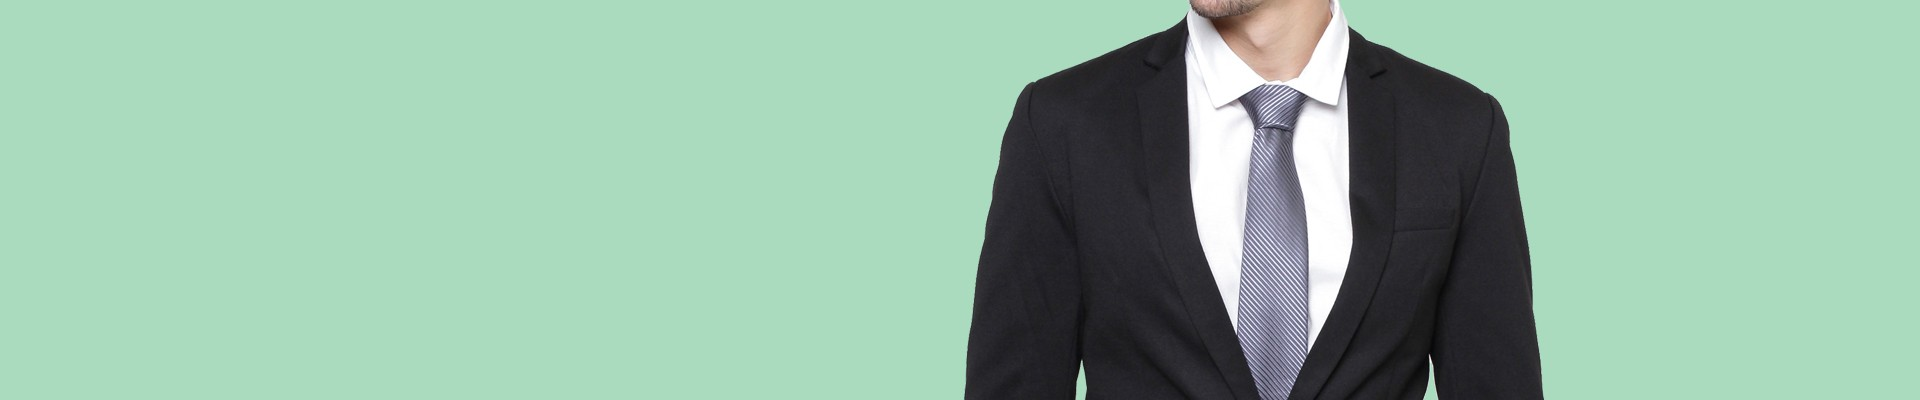 Jual Dasi Pria Model Terbaru - Kualitas Terbaik